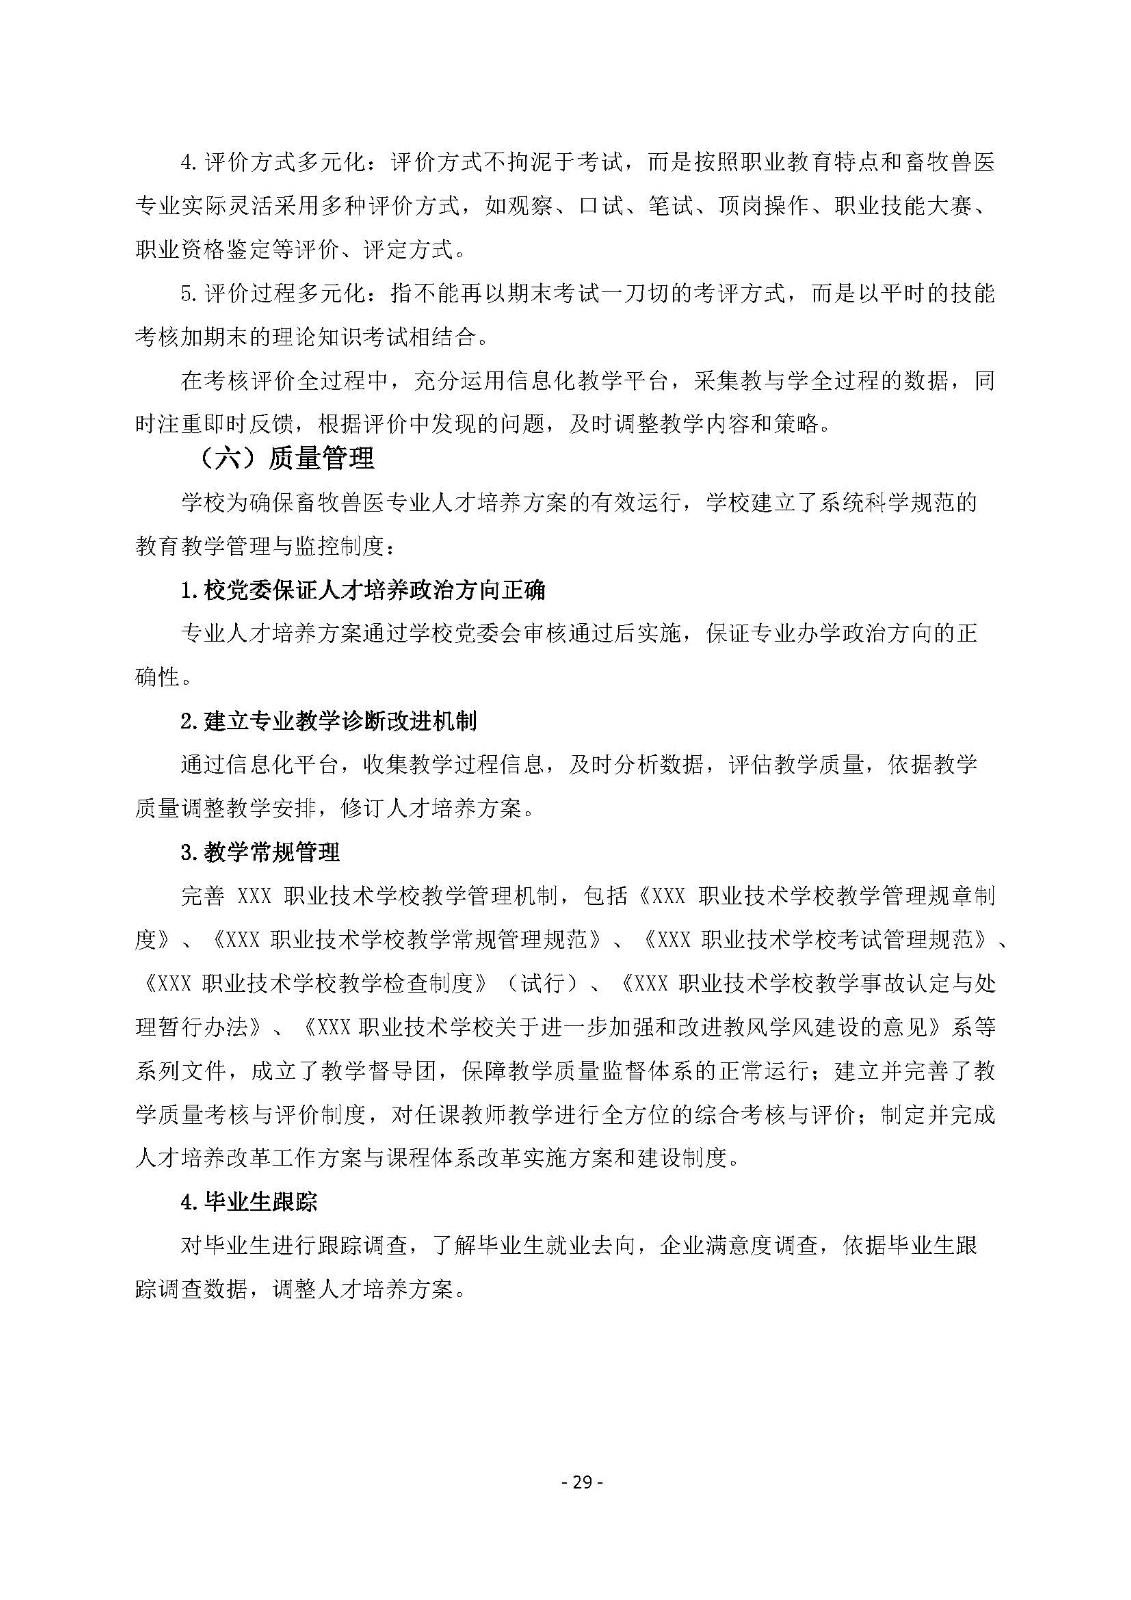 畜牧兽医专业人才培养方案_页面_31.jpg